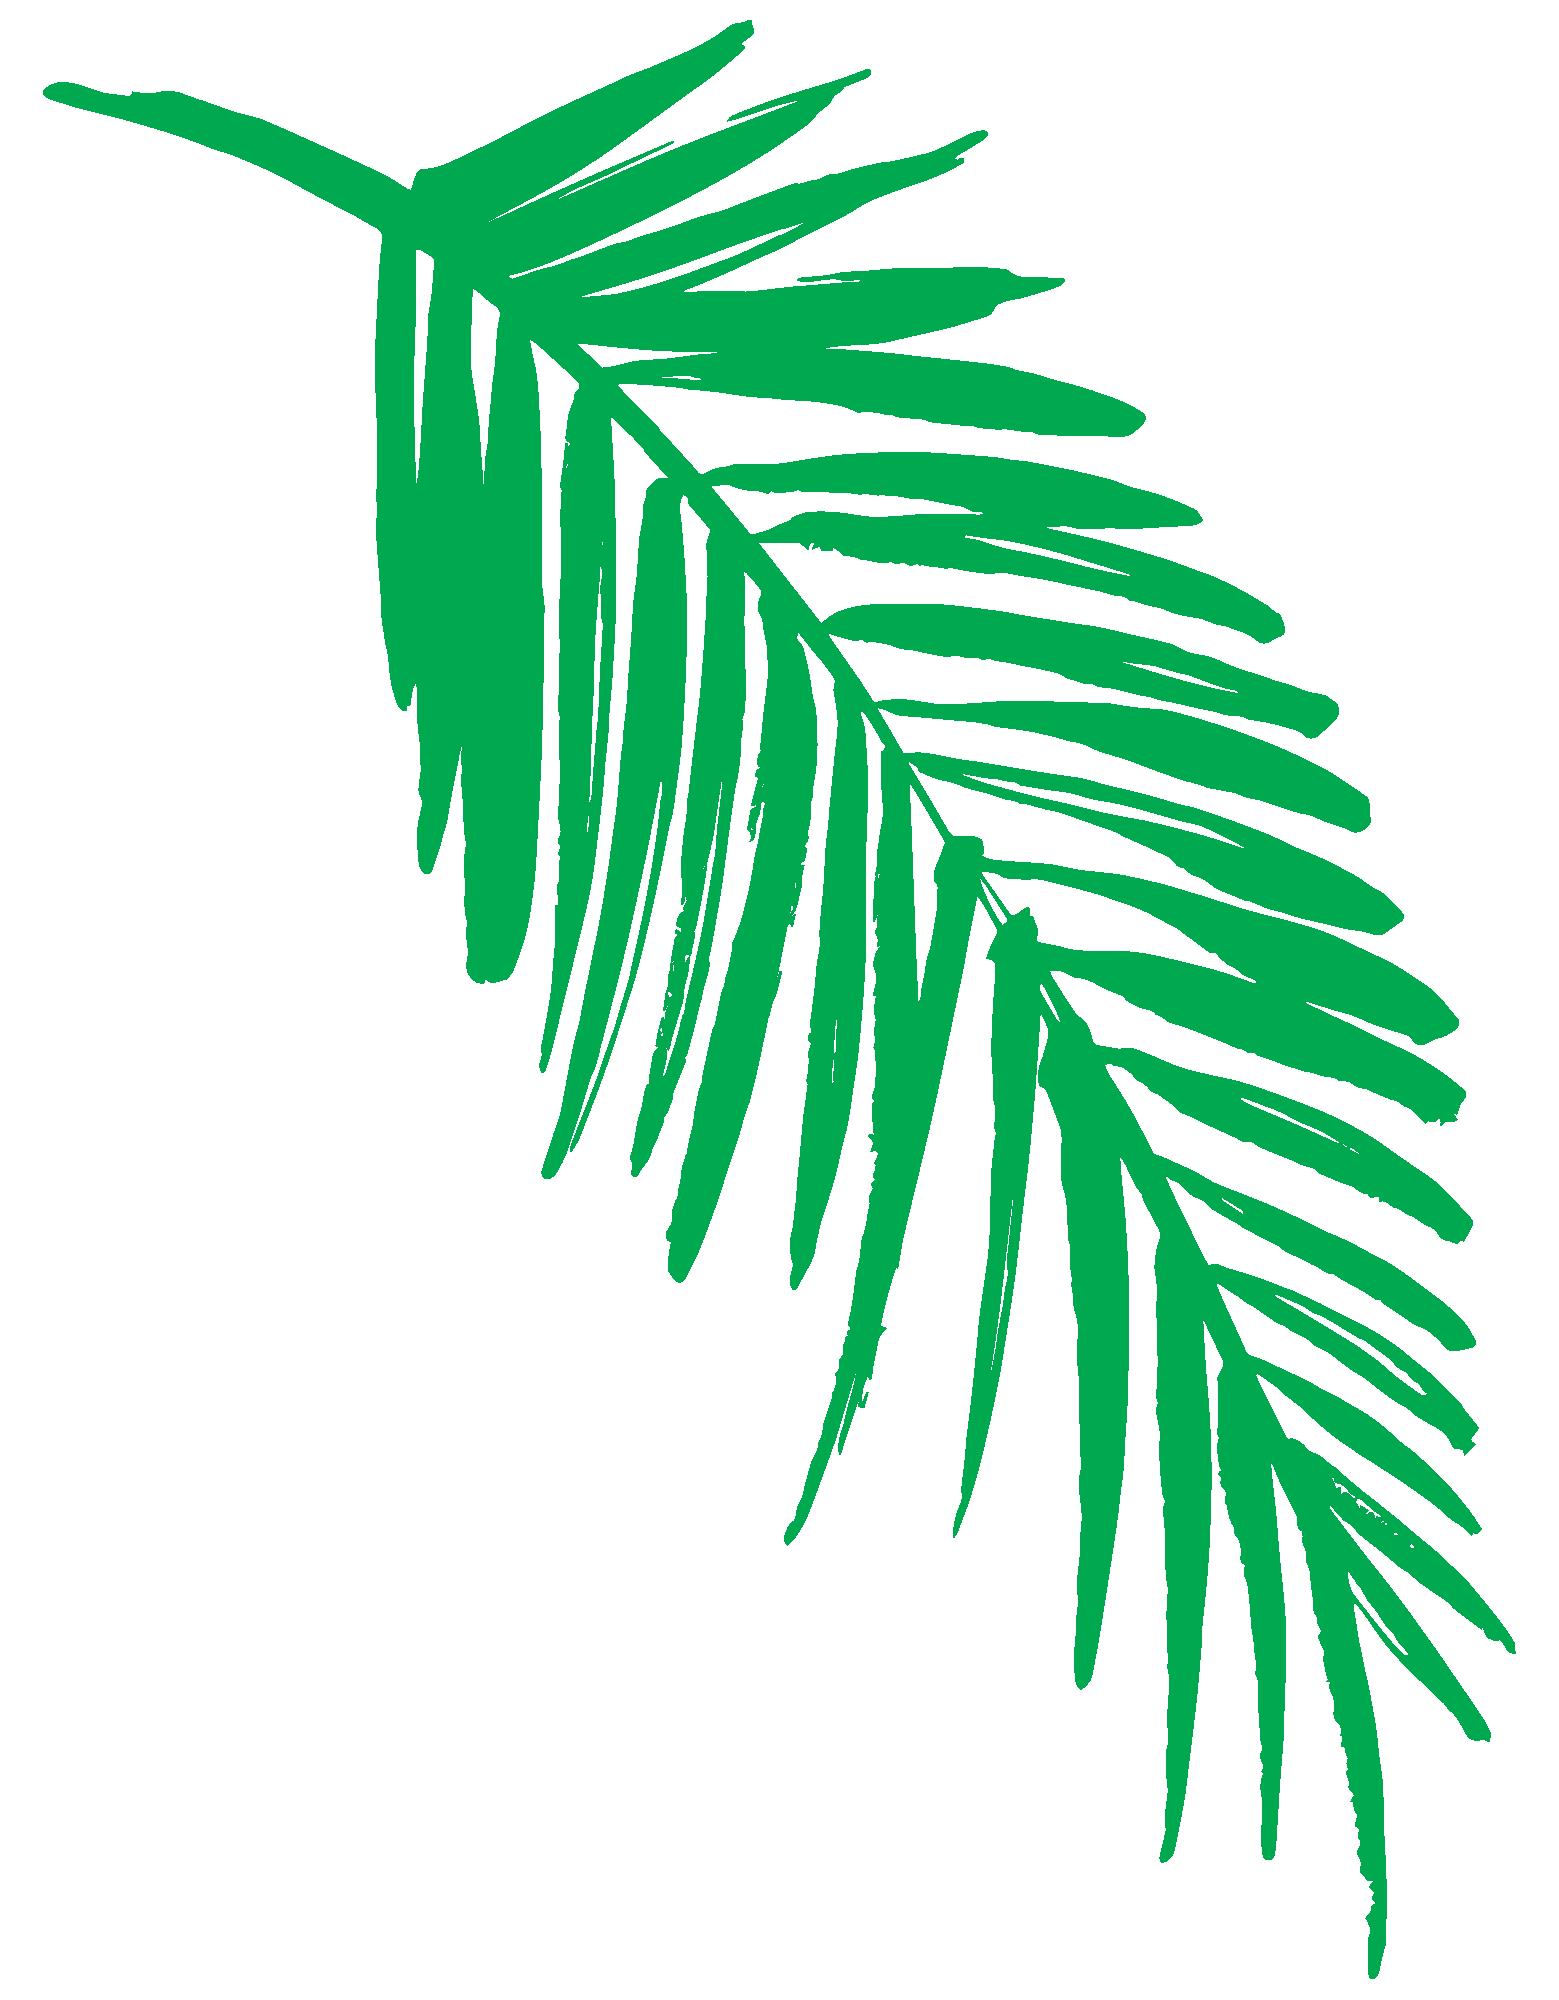 Clipart leaves fern. Illustrations clip art little